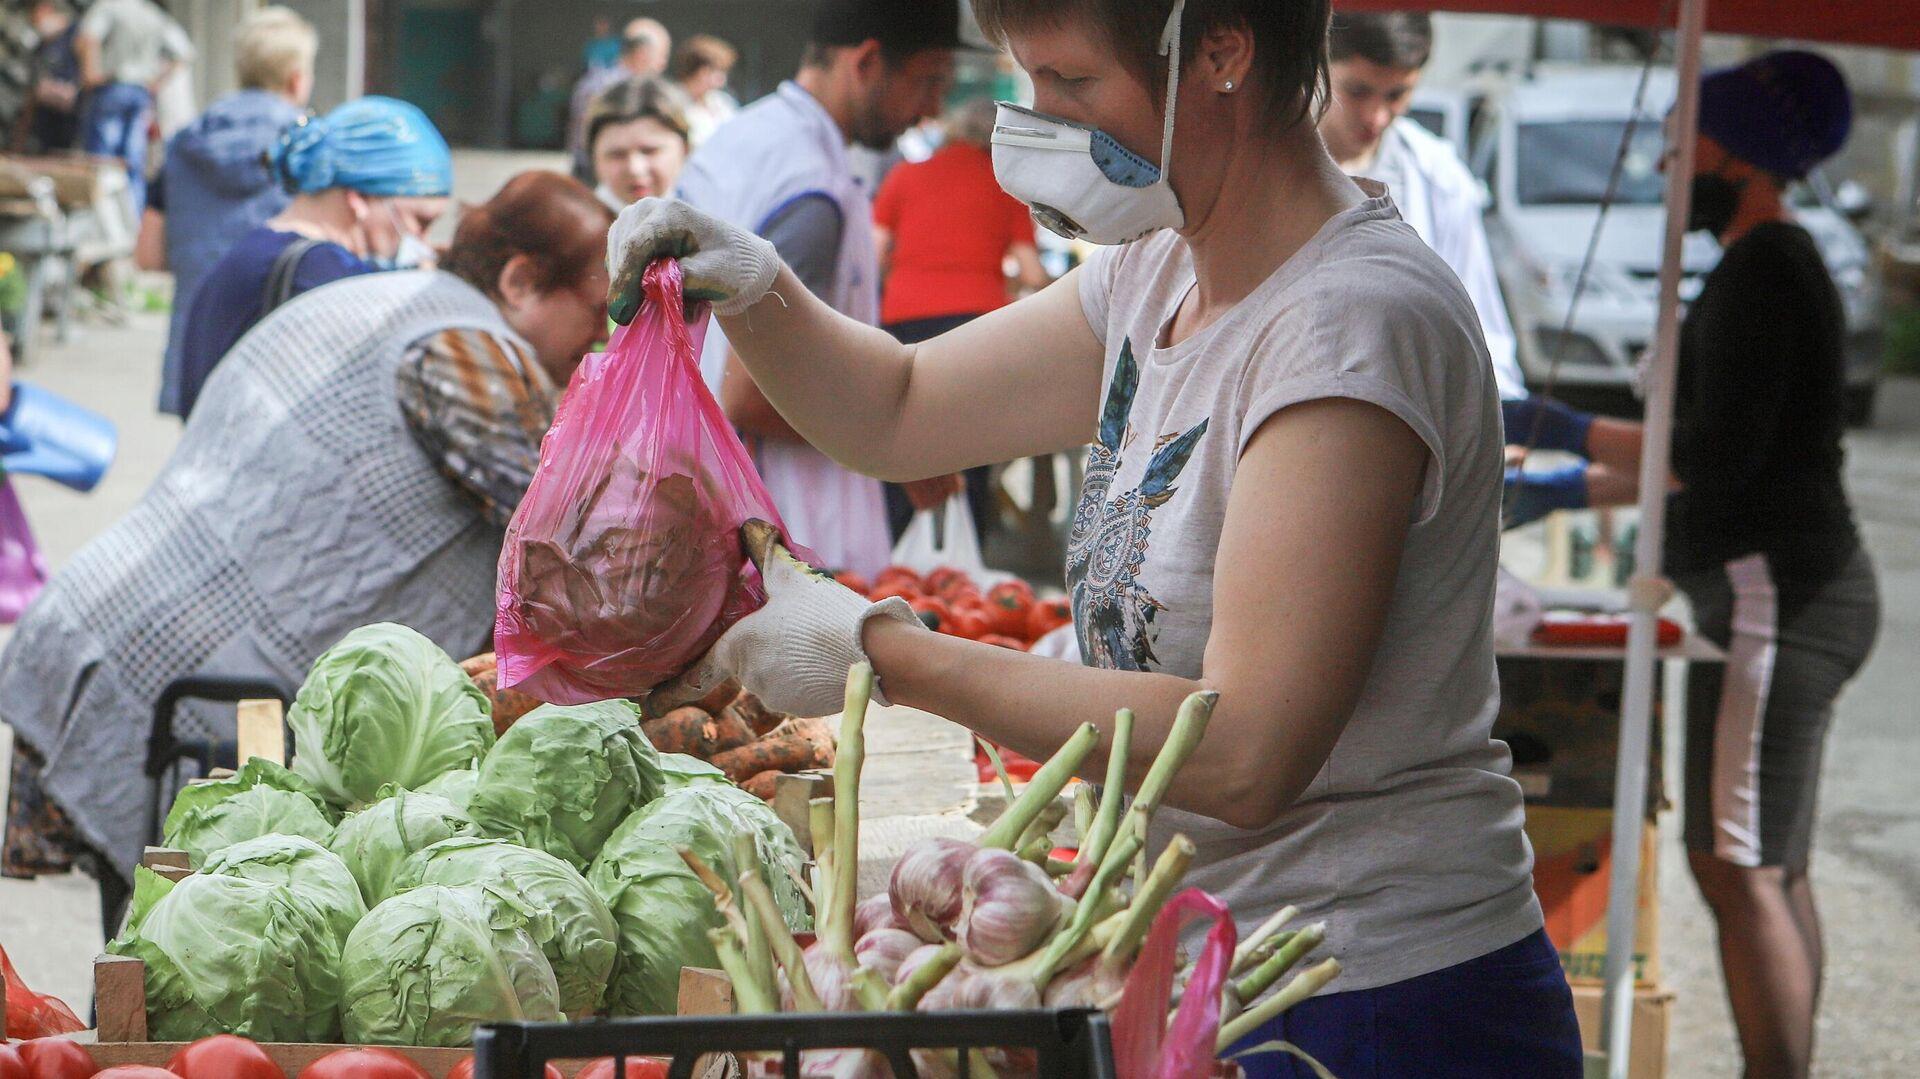 Продажа овощей на ярмарке выходного дня Покупай ставропольское в Кисловодске - РИА Новости, 1920, 04.08.2021